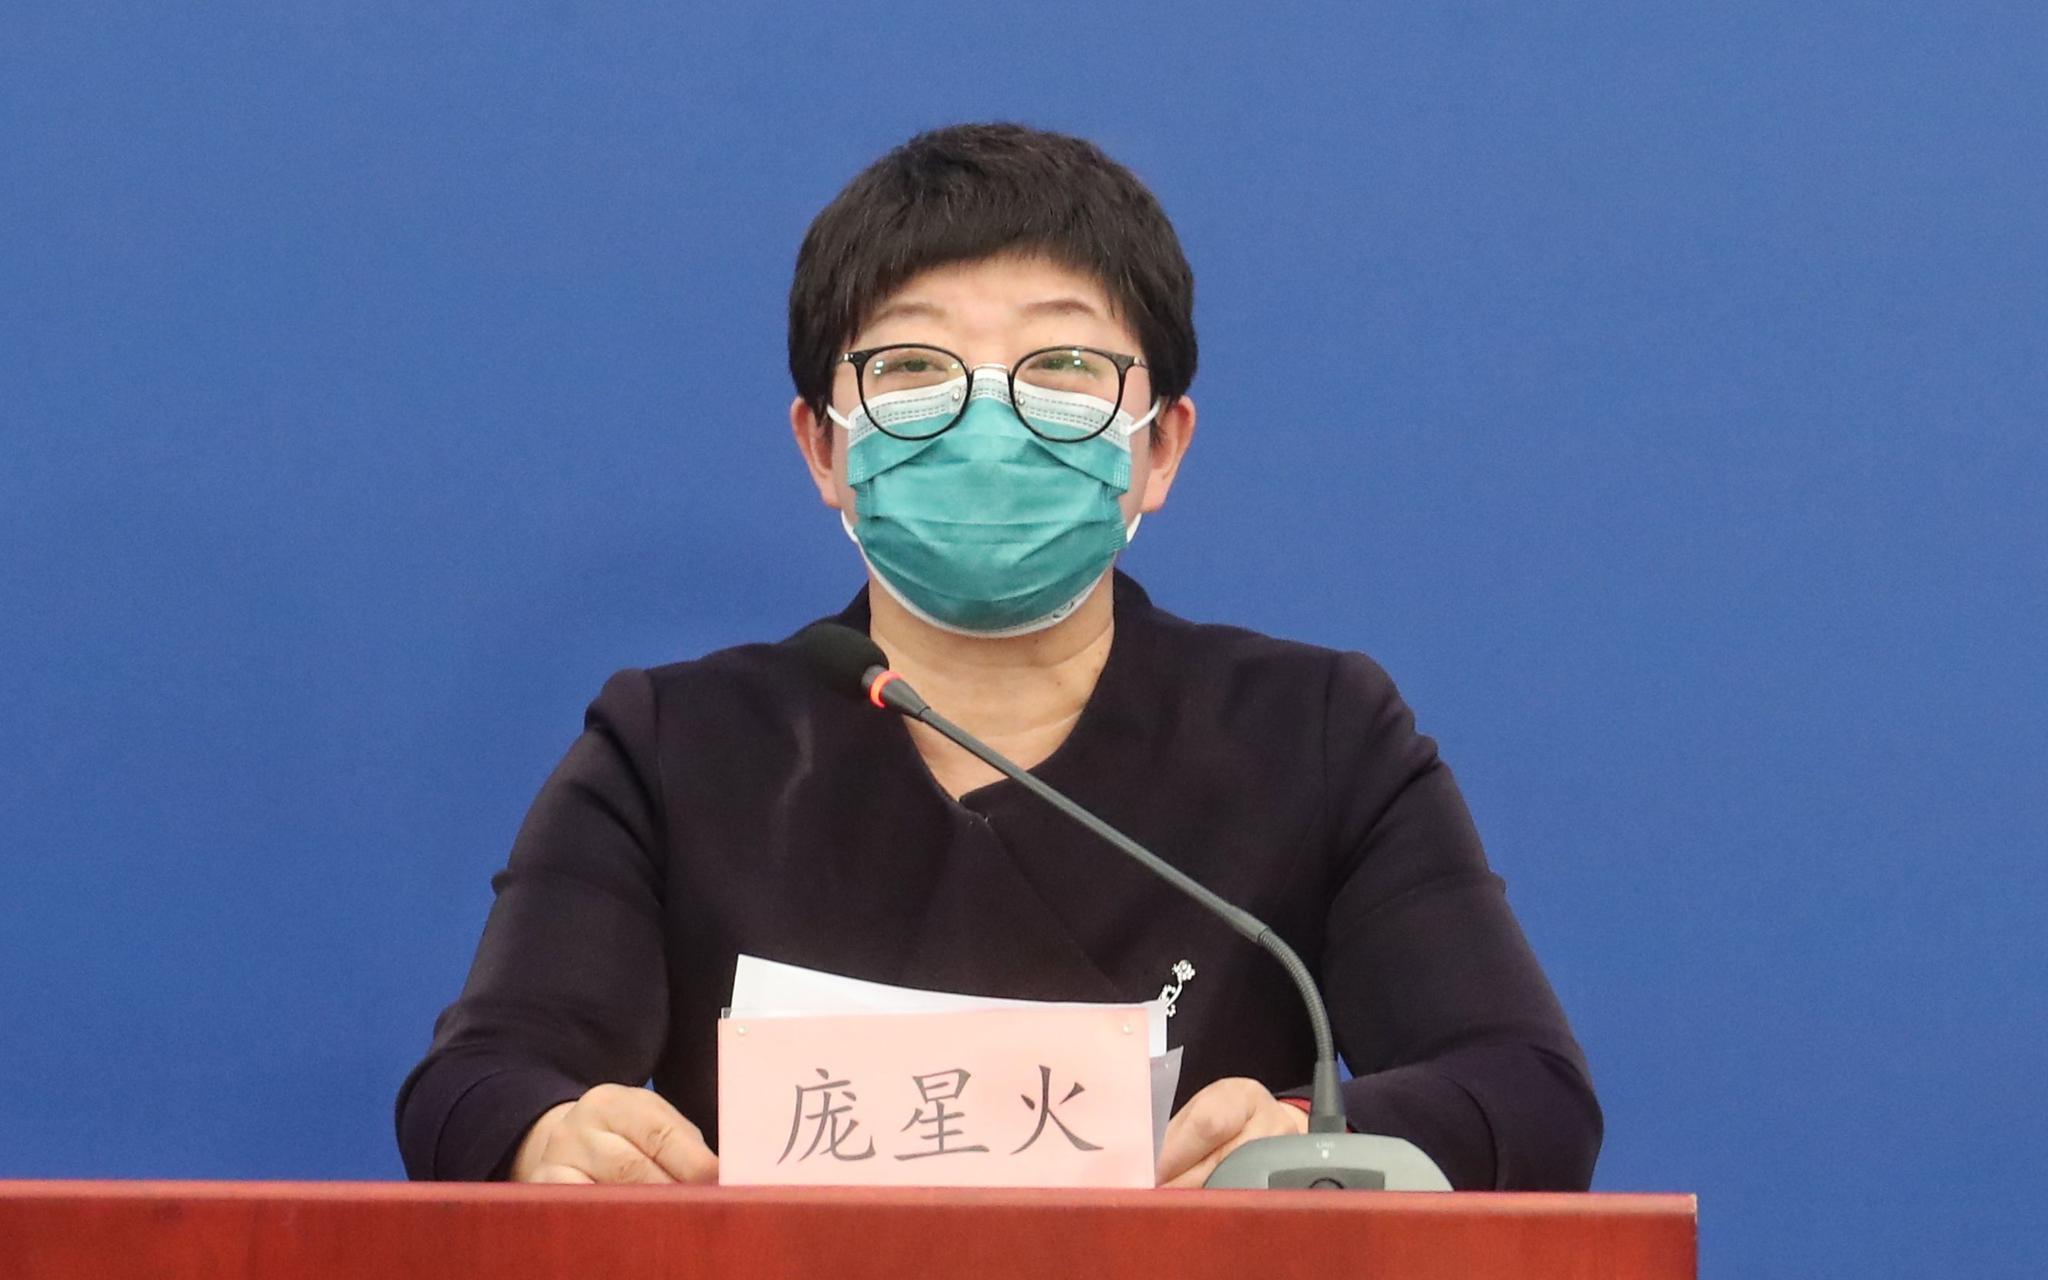 北京通报一境外输入病例隔离期2次出现症状均未及时报告图片